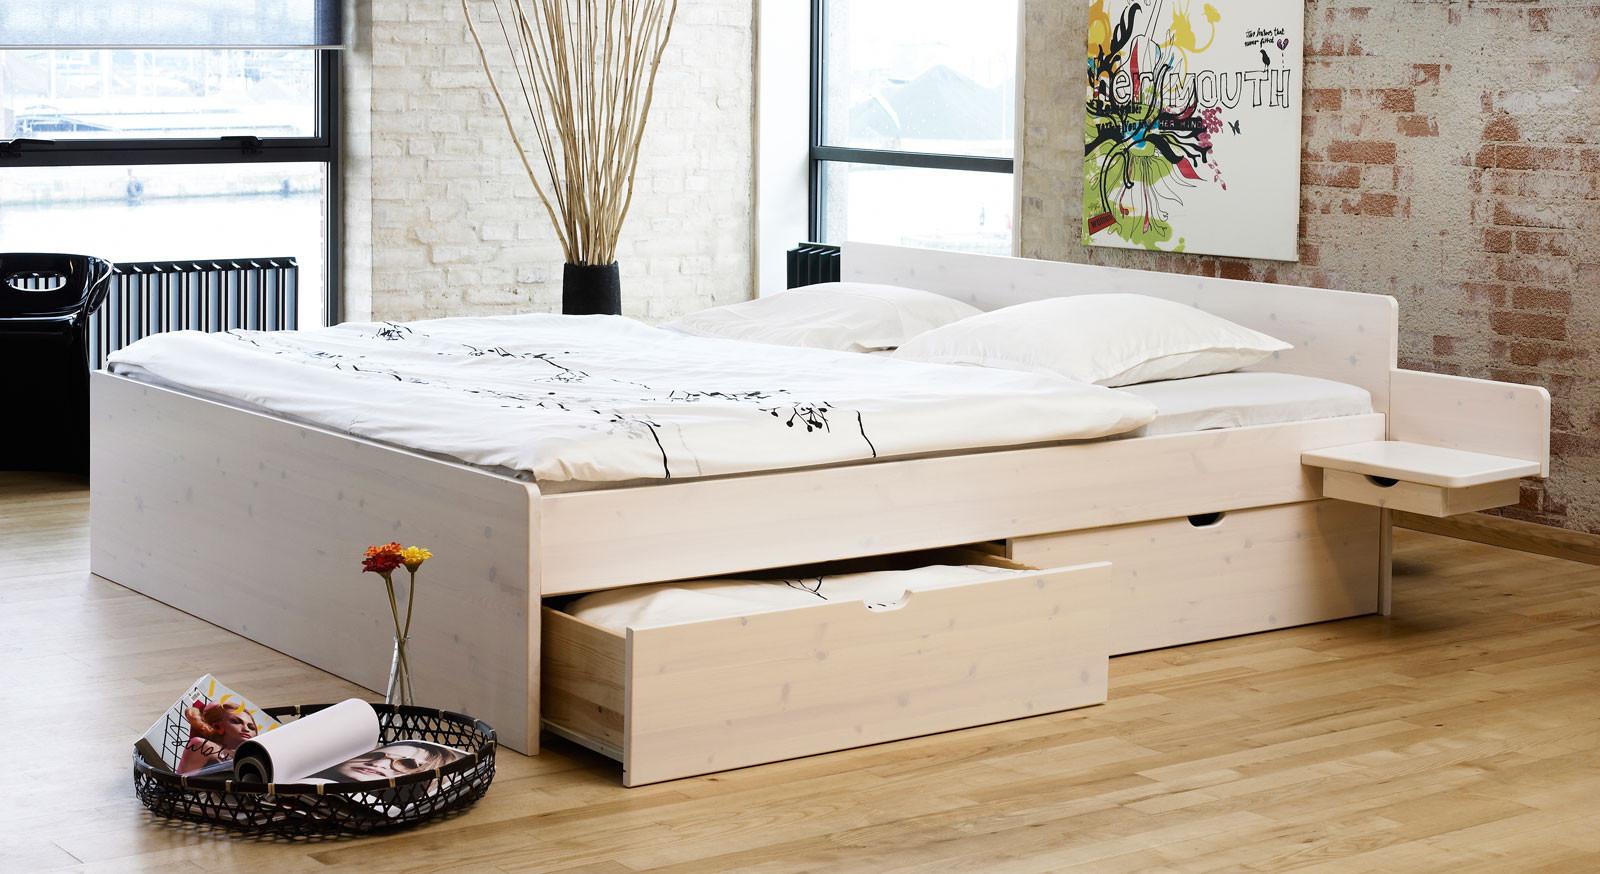 Full Size of Stauraumbett 200x200 39 E0 Stauraum Bett Fhrung Betten Mit Bettkasten Weiß Komforthöhe Wohnzimmer Stauraumbett 200x200